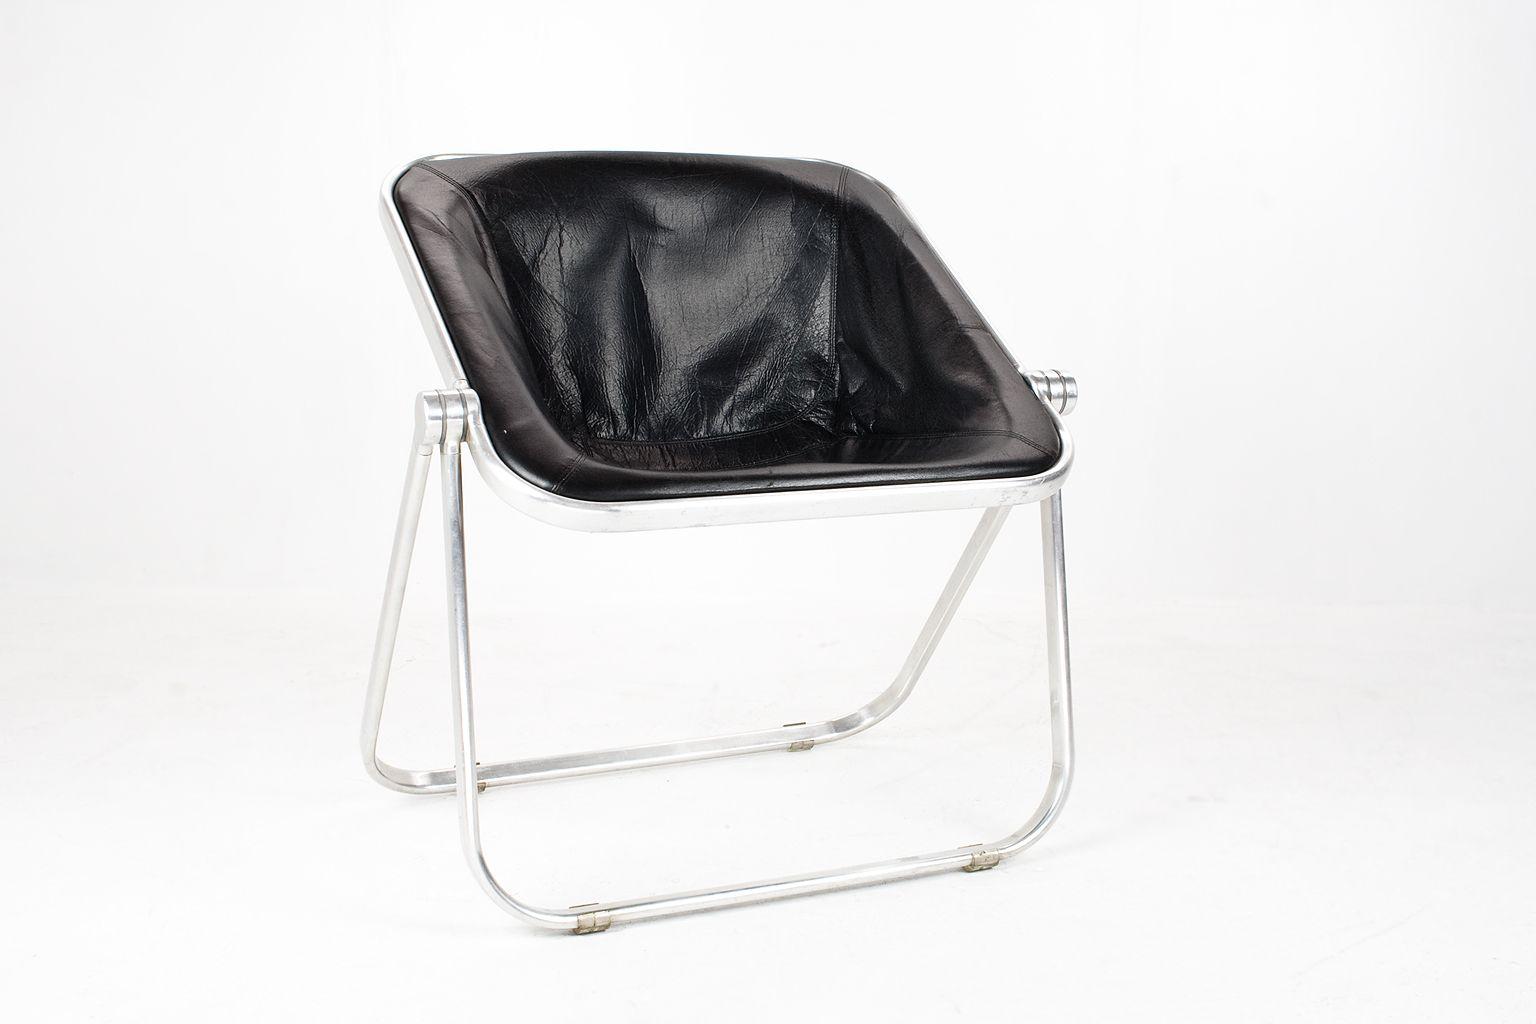 schwarzer vintage plona stuhl aus leder von giancarlo piretti f r castelli bei pamono kaufen. Black Bedroom Furniture Sets. Home Design Ideas